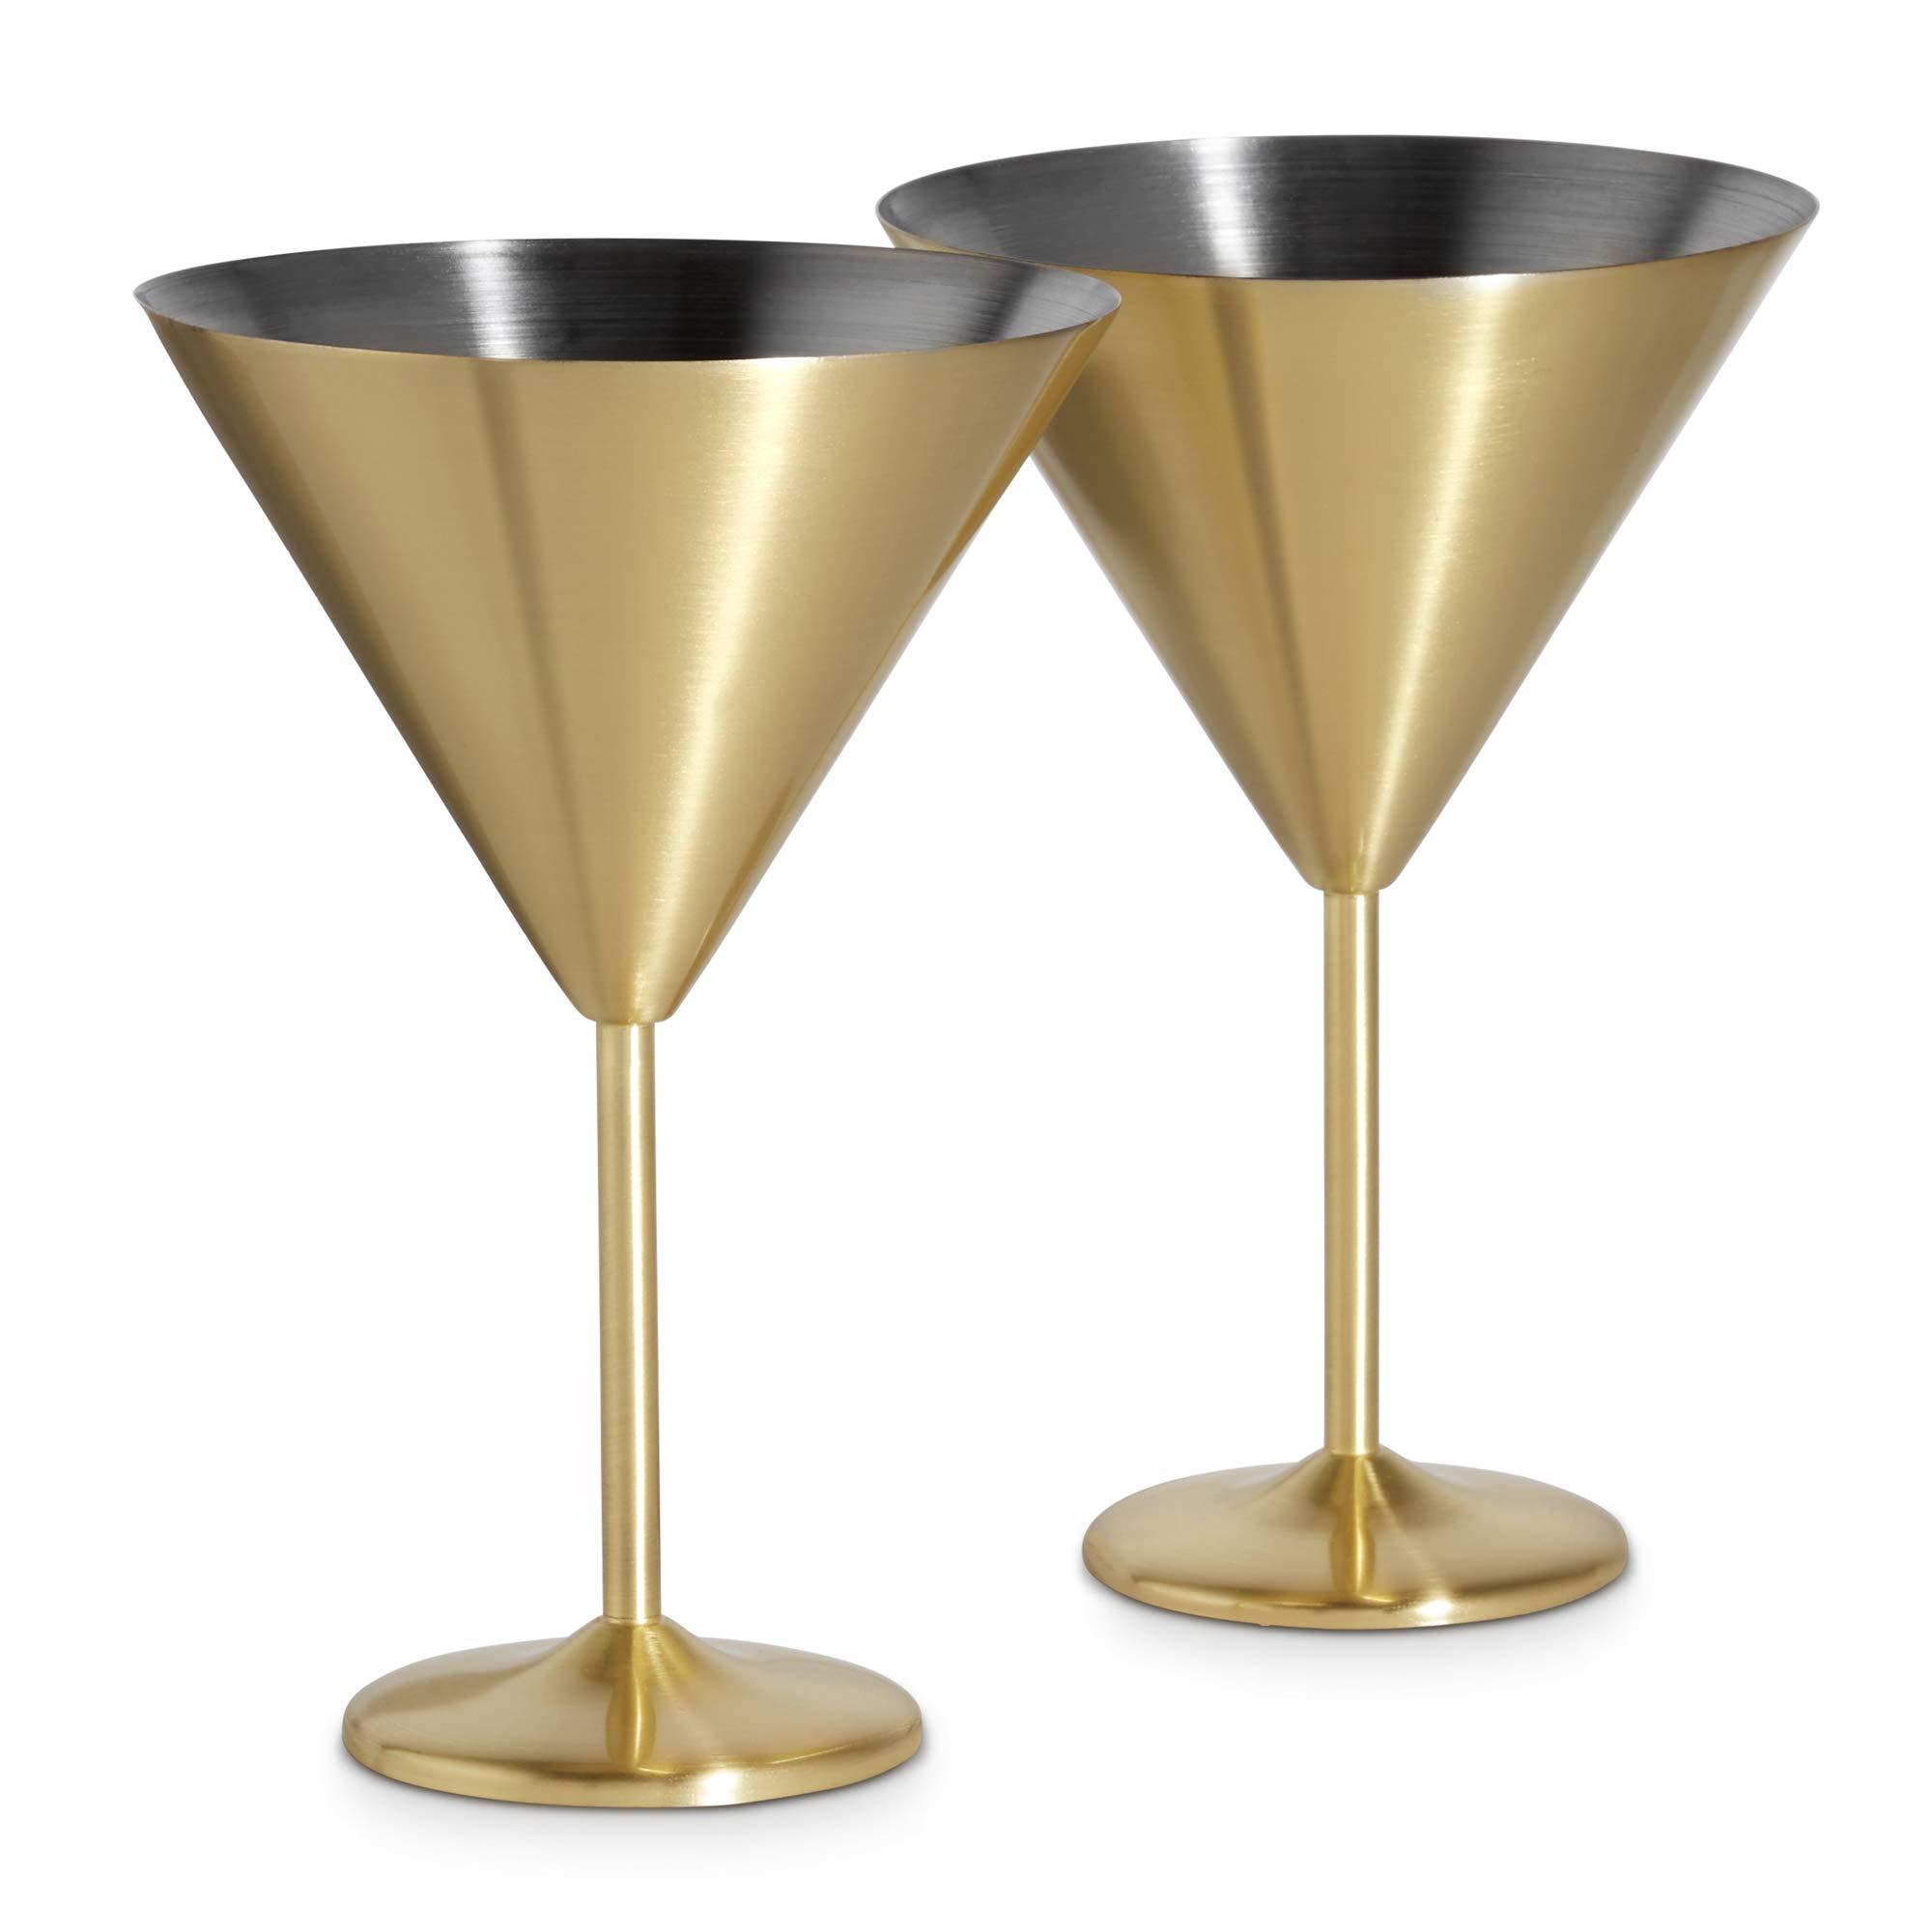 VonShef Juego de 2 Copas de Cóctel Martini de Acero Inoxidable ...